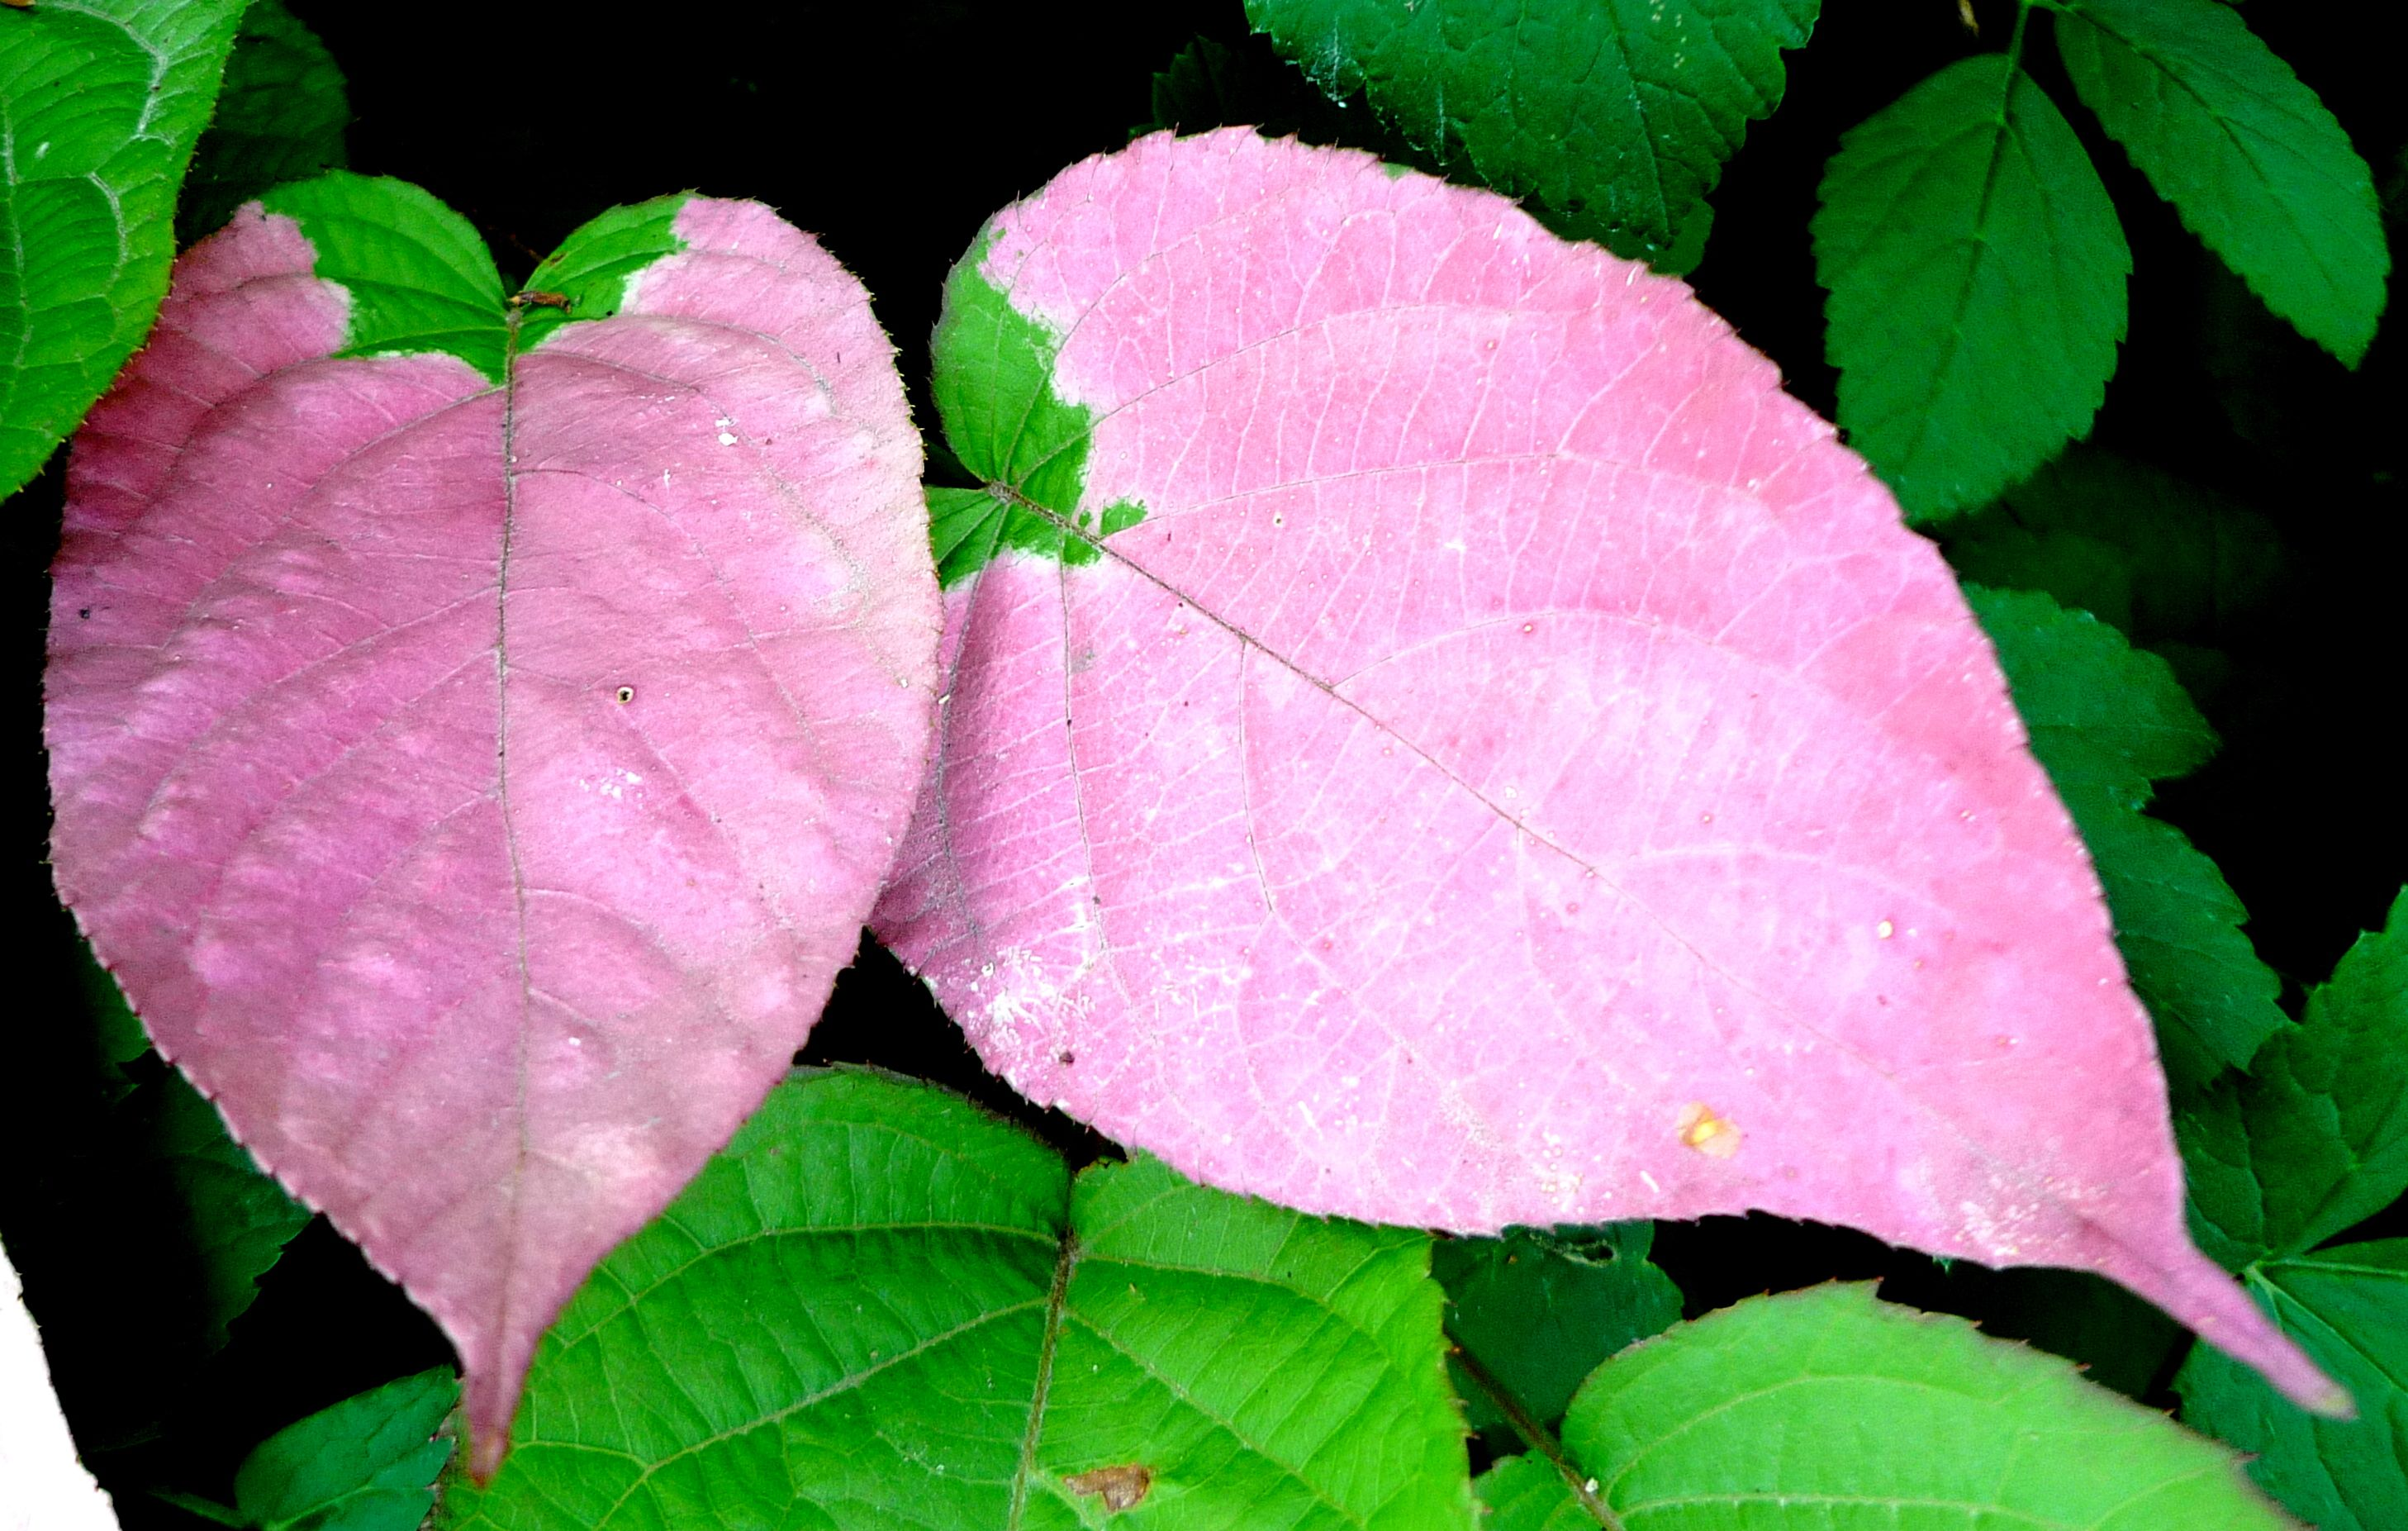 Actinidia Kolomikta Plant Leaves Plants Leaves